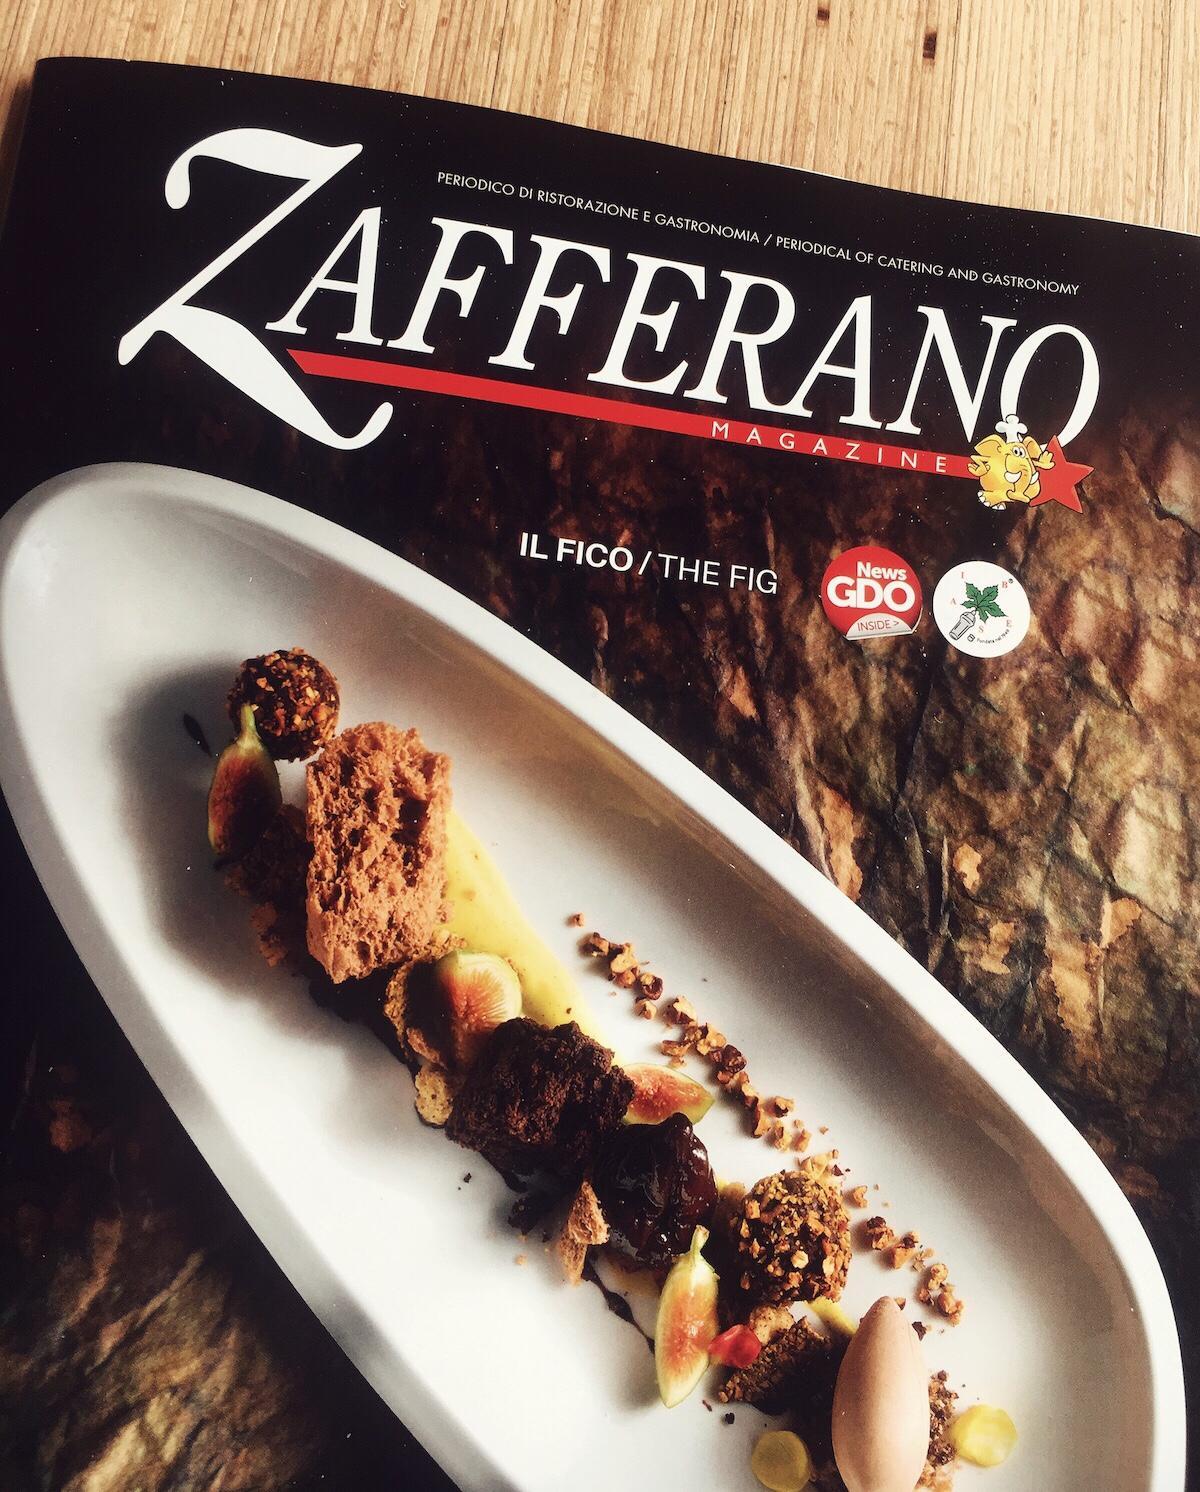 Copertina di dicembre 2018 di Zafferano Magazine con una ricetta dello Chef del Ristorante Stravento Rocco di Marzo